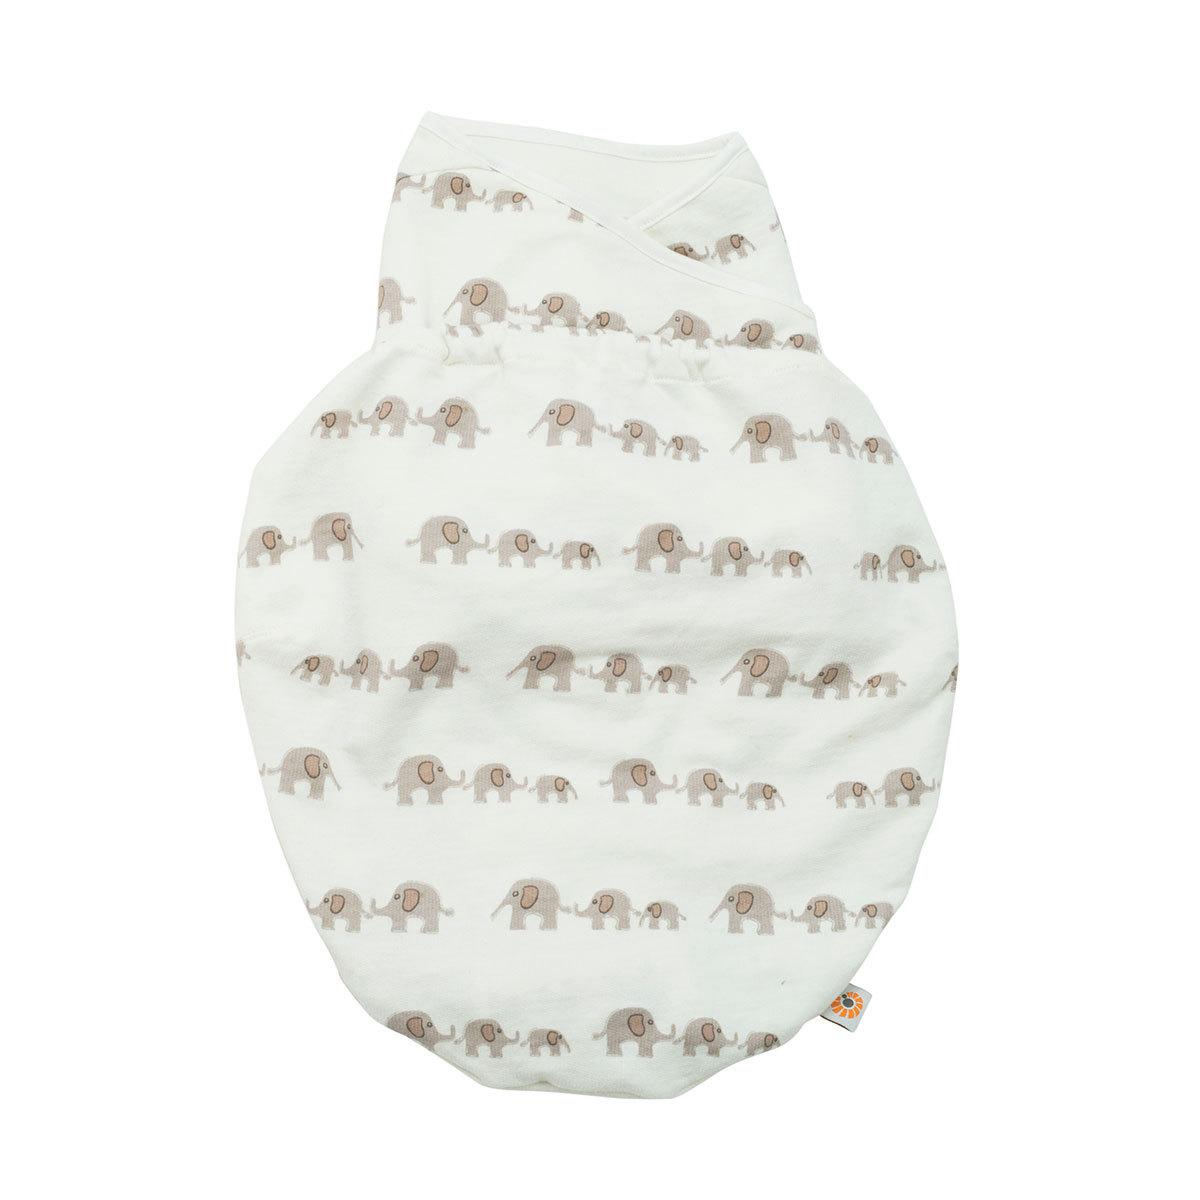 Gigoteuse Couverture d'Emmaillotage - Eléphants Couverture d'Emmaillotage - Eléphants